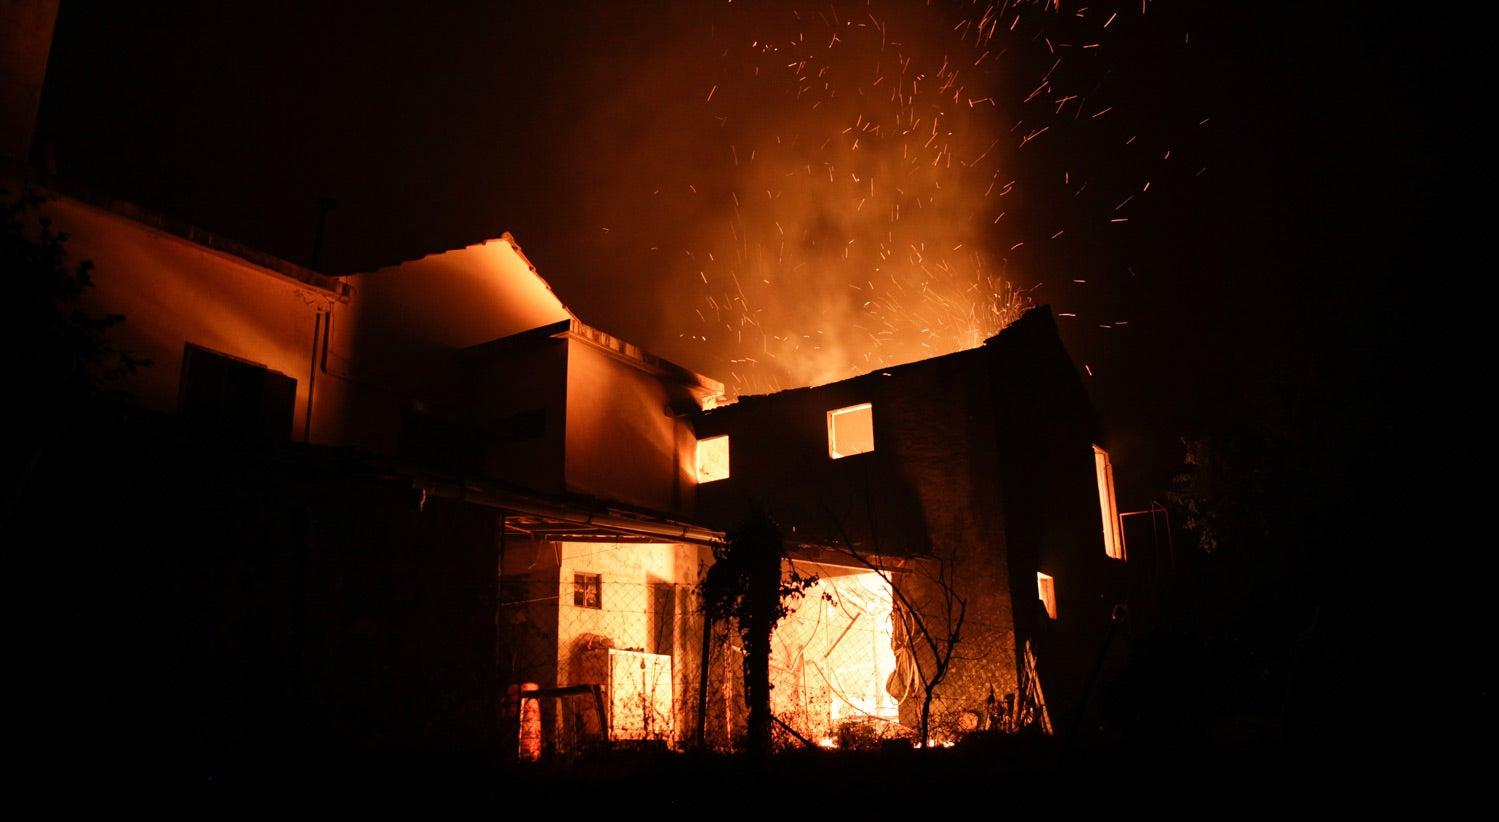 Número de mortos no incêndio em Pedrógão Grande sobe para 25